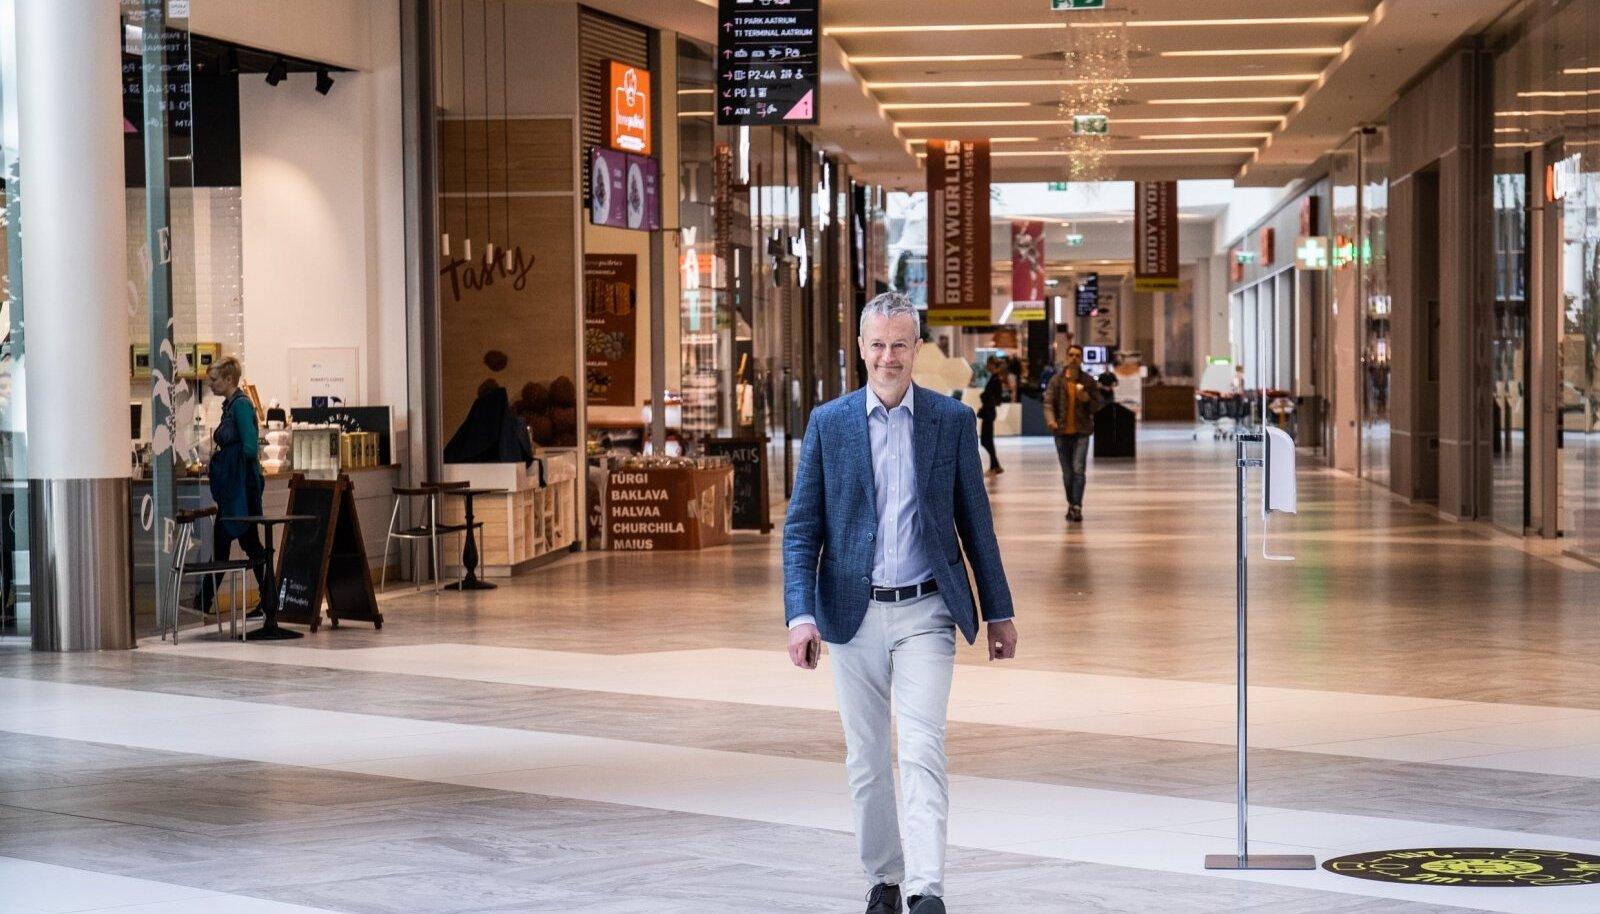 Allan Remmelkoor kinnitab, et pankrotimenetlusest hoolimata tehakse T1 3. mail lahti.